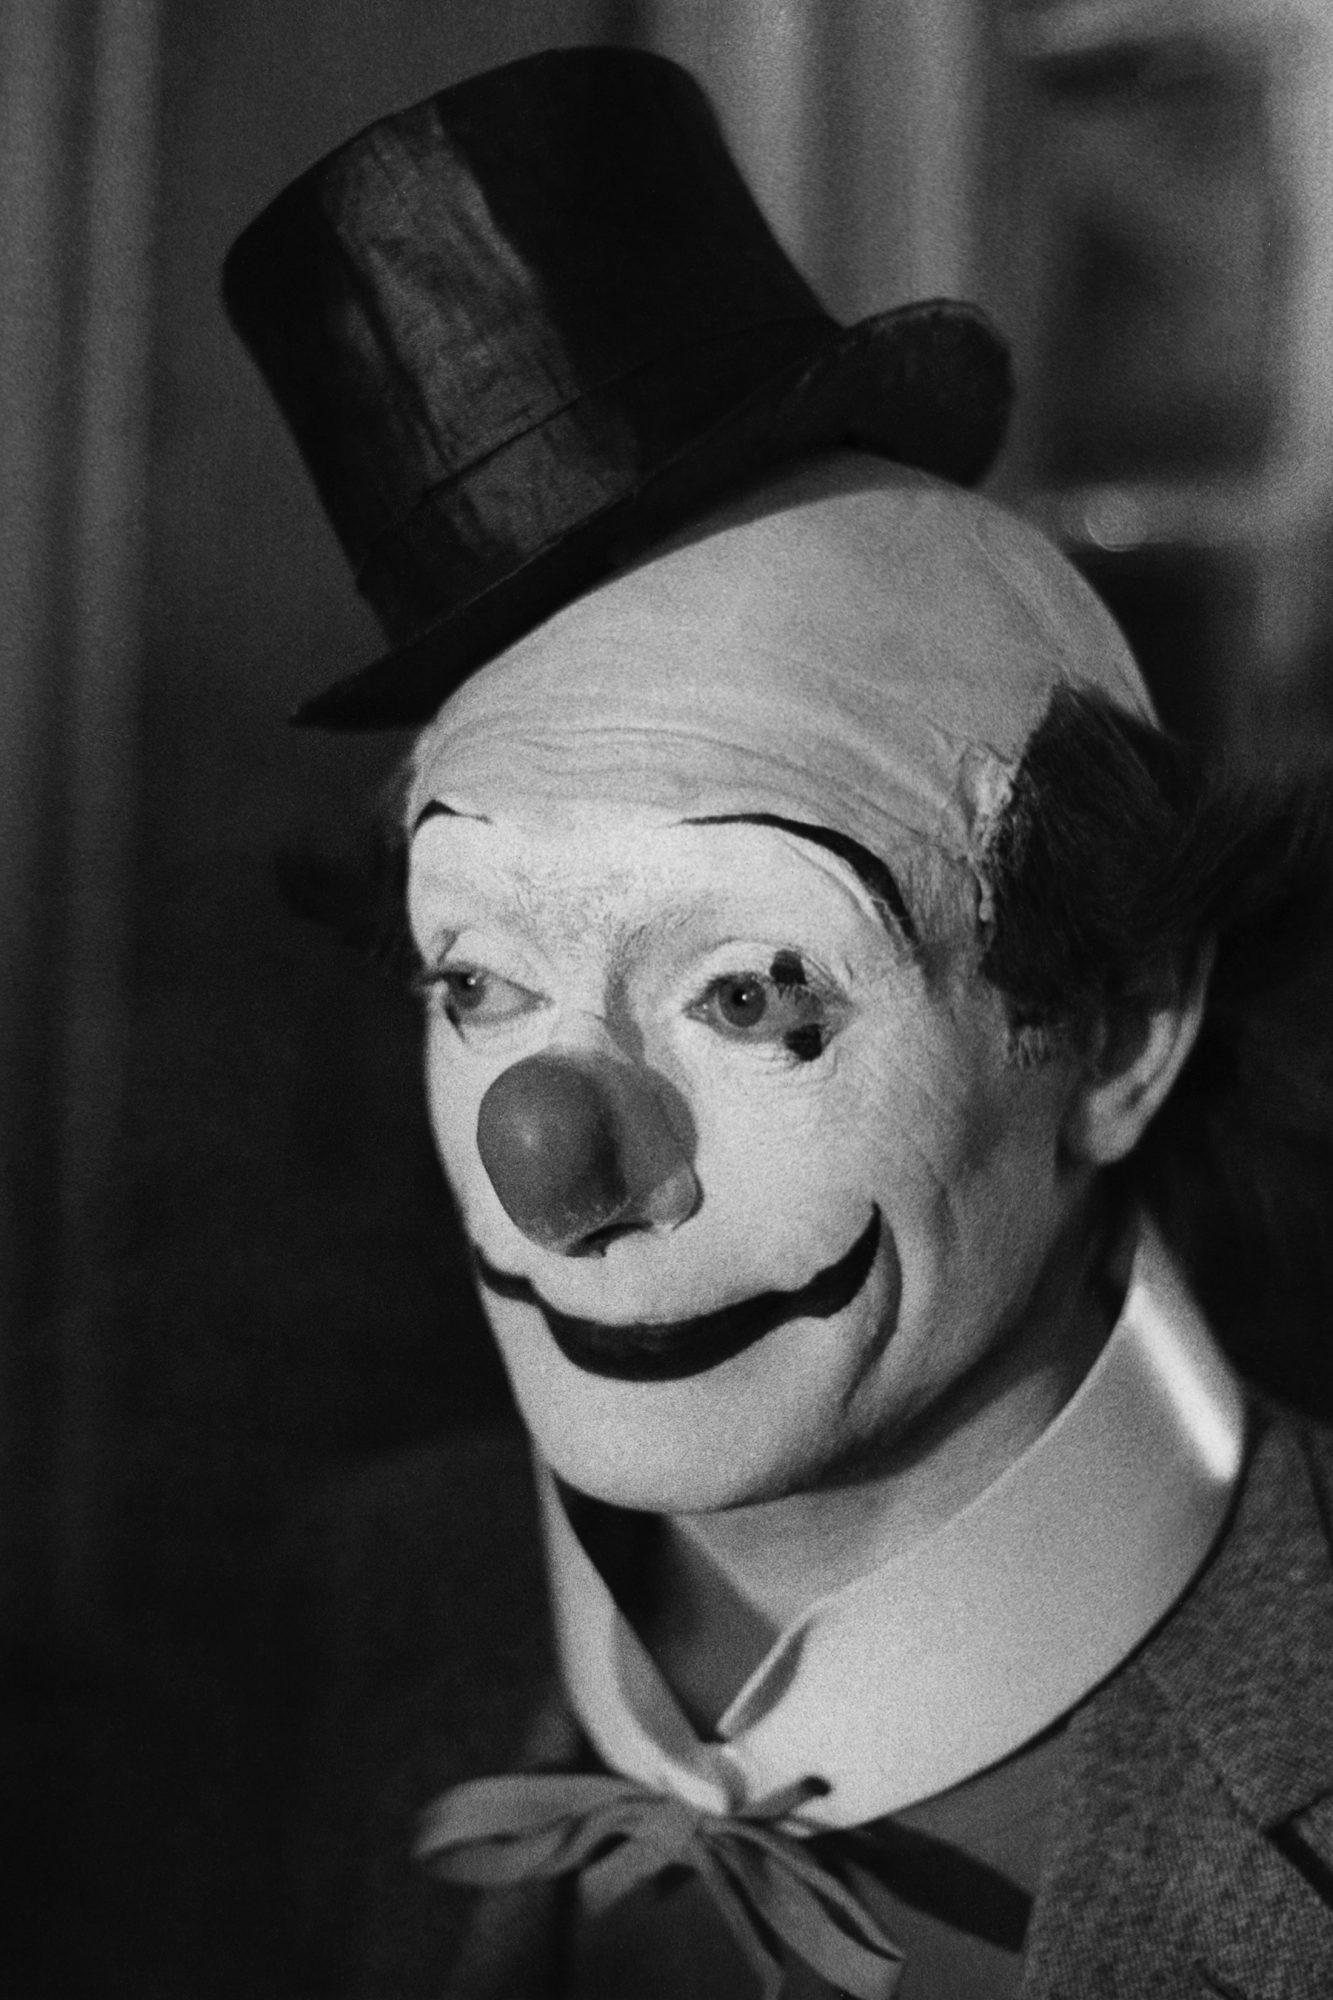 Le jour ou le clown pleura The Day the Clown Cried de JerryLewis avec Pierre Etaix 1972 © AGIP/RDA/E